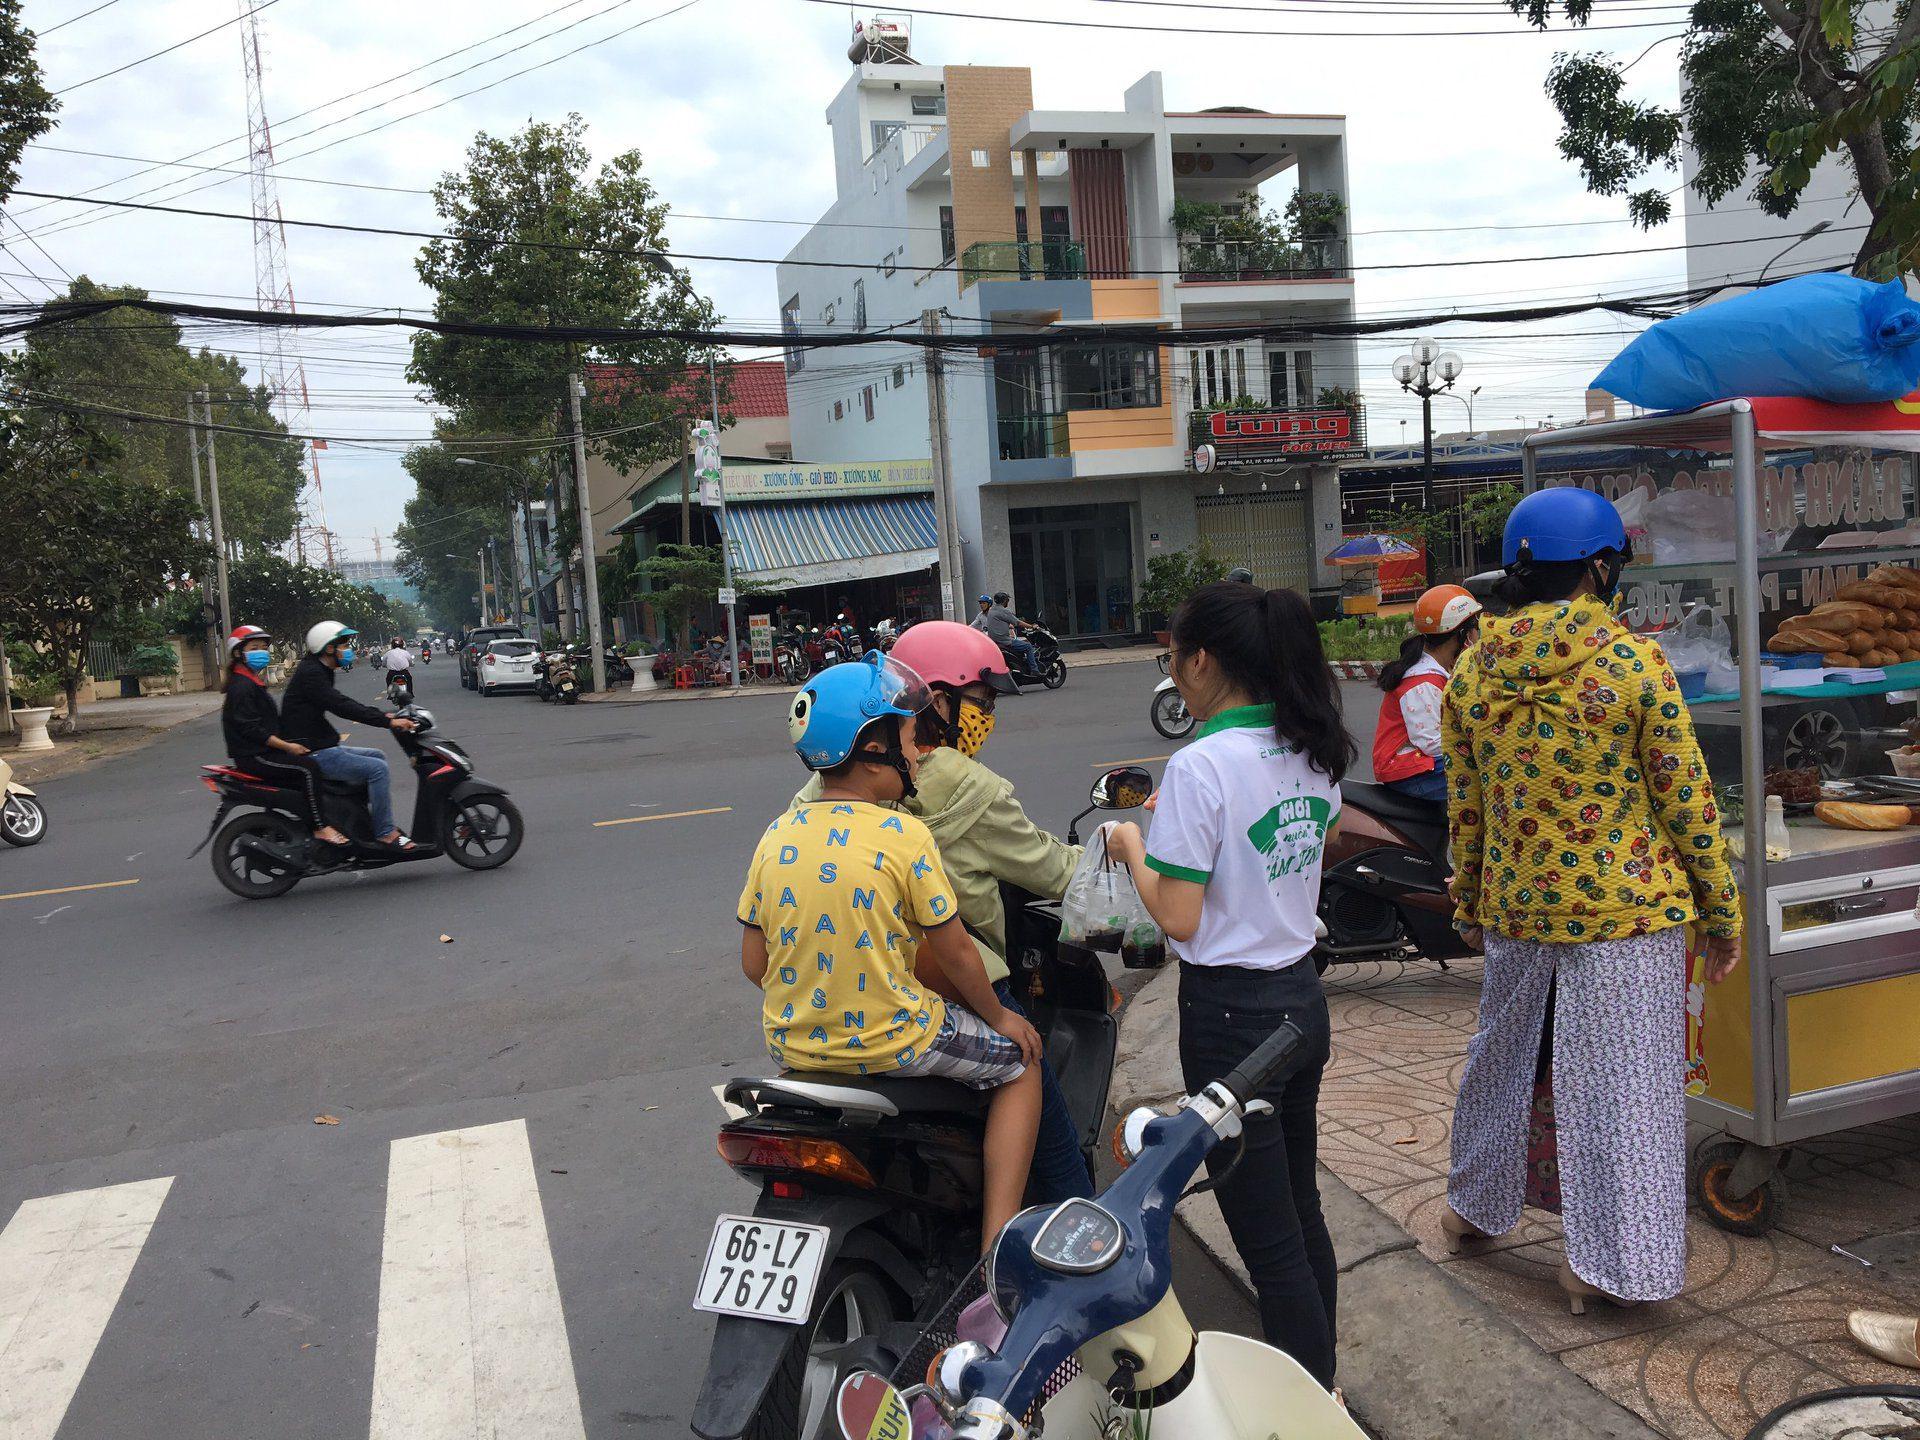 67535555 898766943793763 572741229020708864 o - 2 Brothers Coffee - Quán cafe hot nhất Cao Lãnh - Đồng Tháp